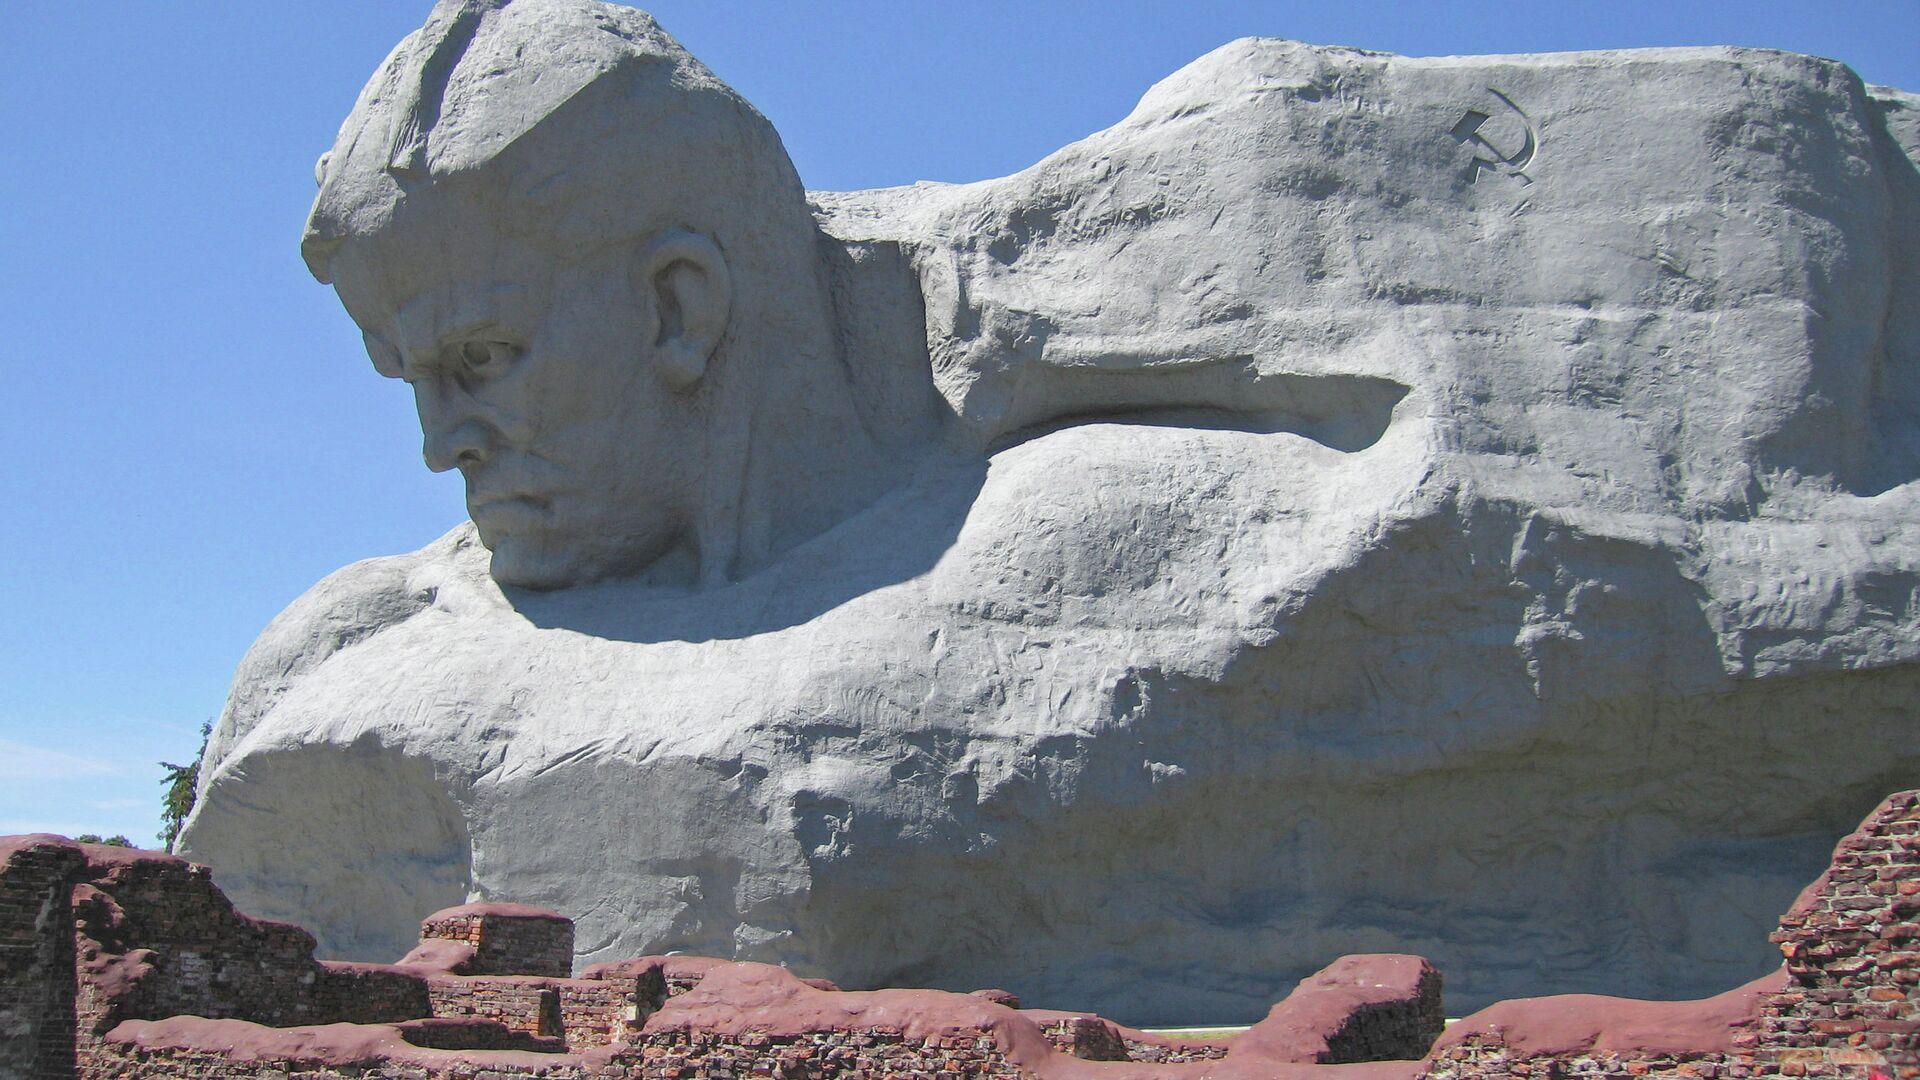 Монумент Мужество мемориального комплекса Брестская крепость - герой - РИА Новости, 1920, 07.05.2021